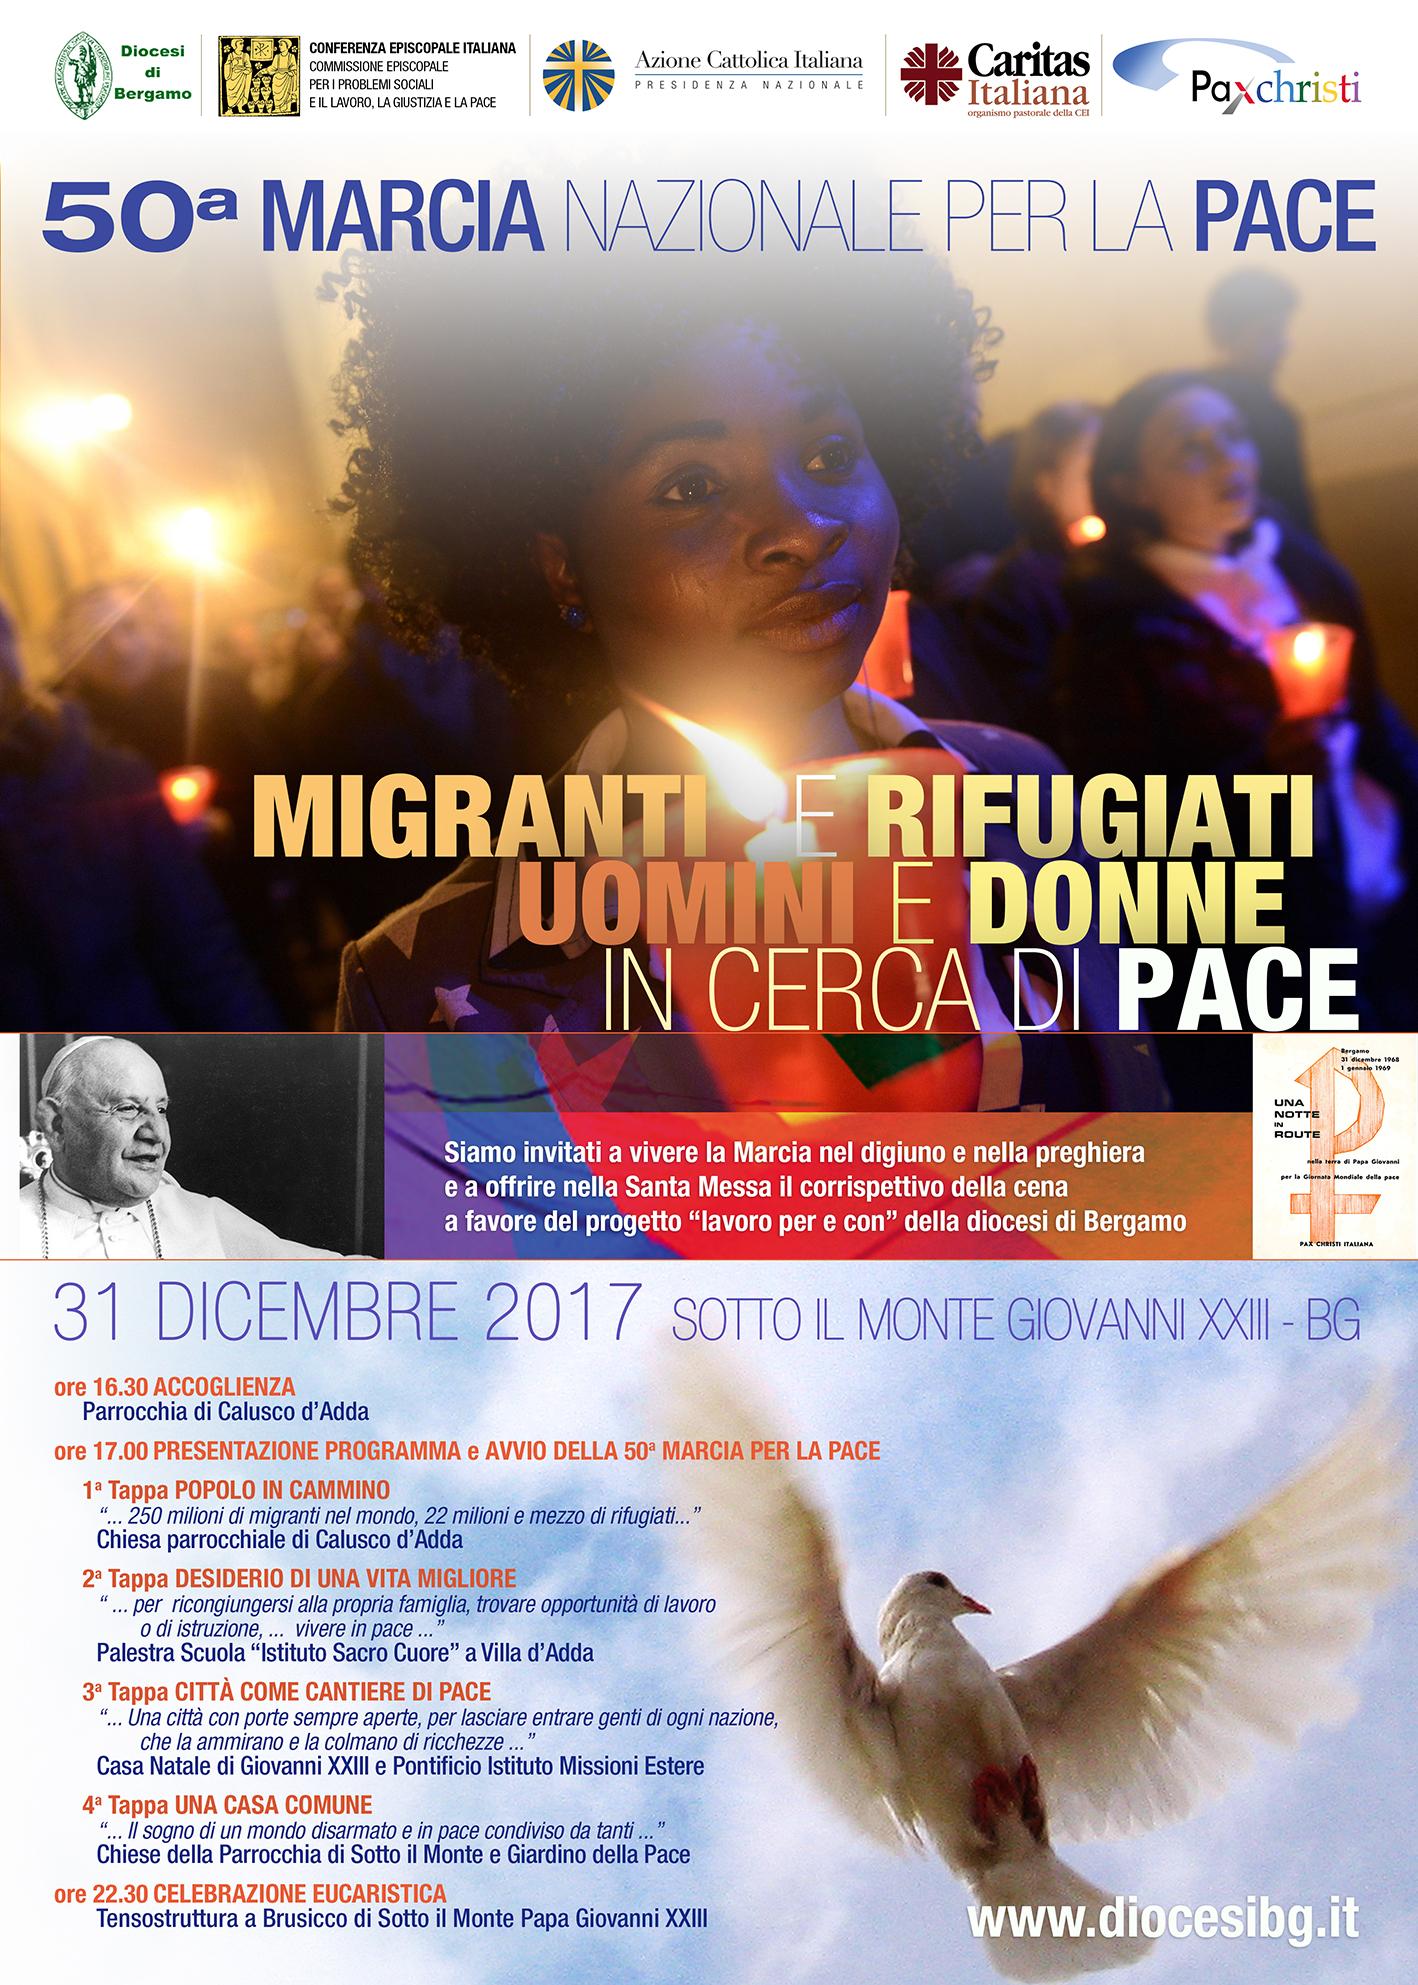 A Sotto il Monte Giovanni XXIII in marcia per la pace